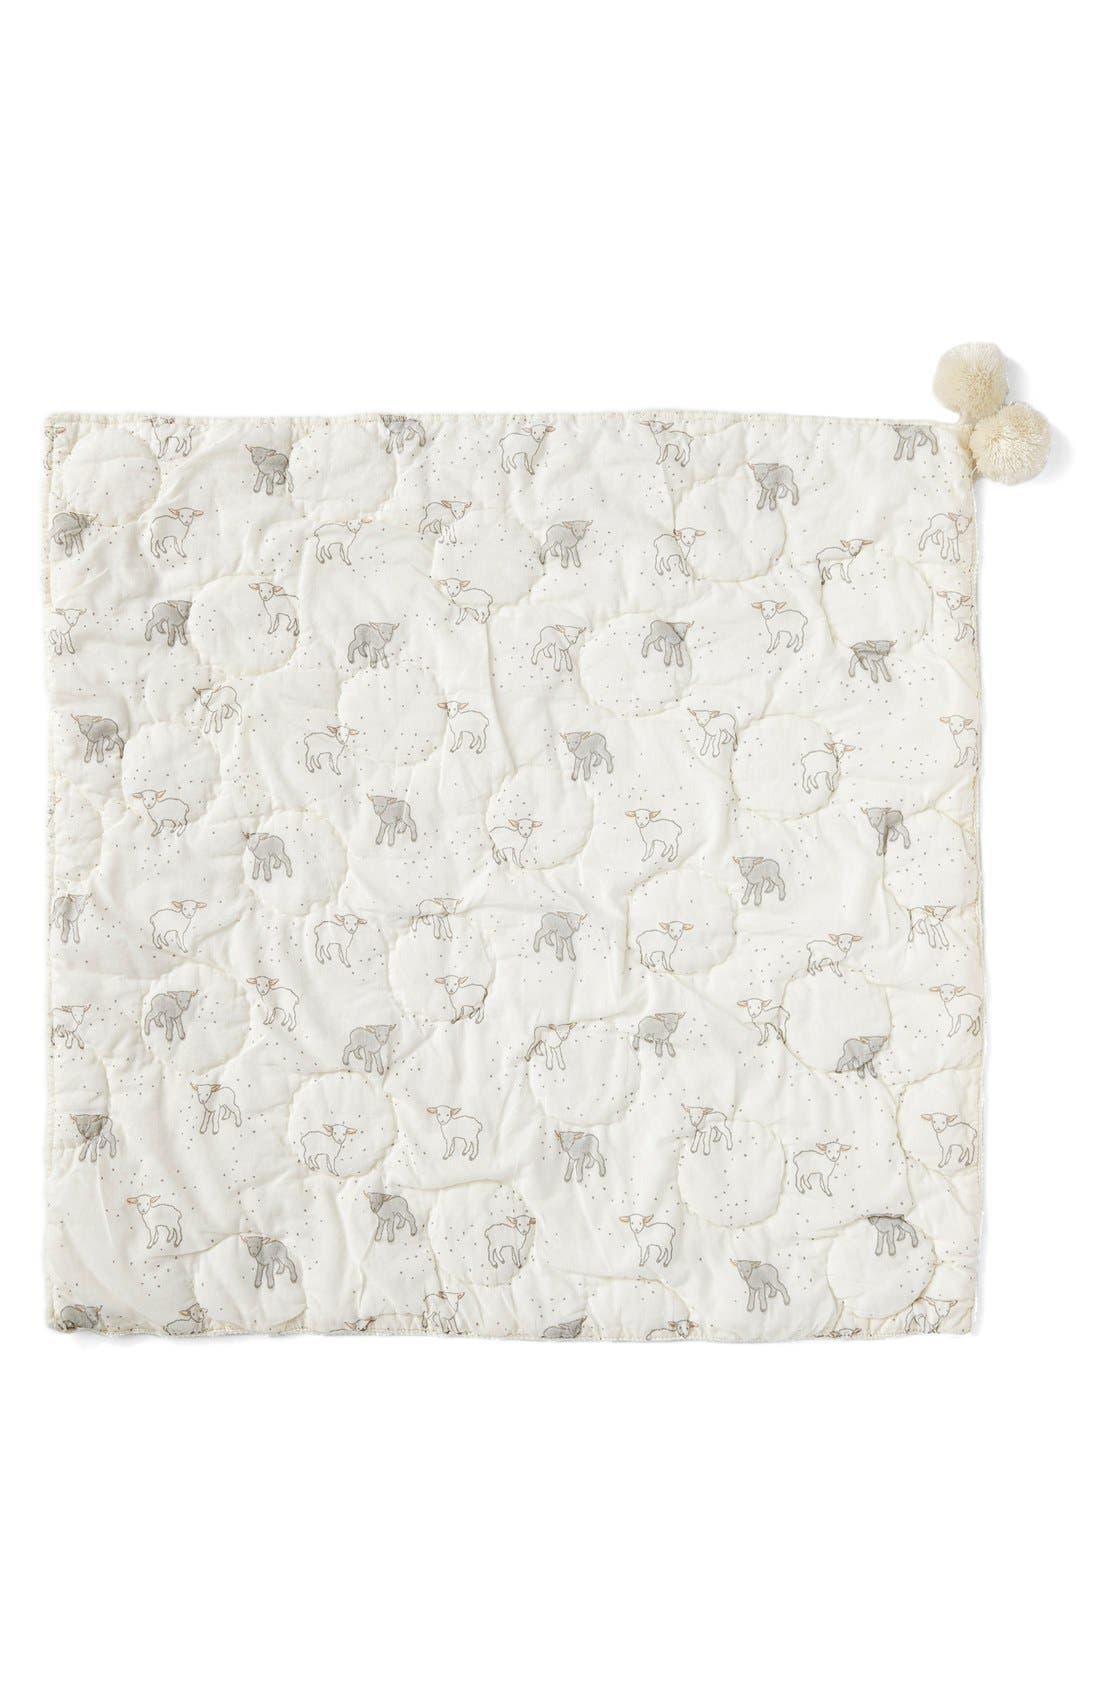 Little Lamb Baby Blanket,                             Alternate thumbnail 2, color,                             Cream